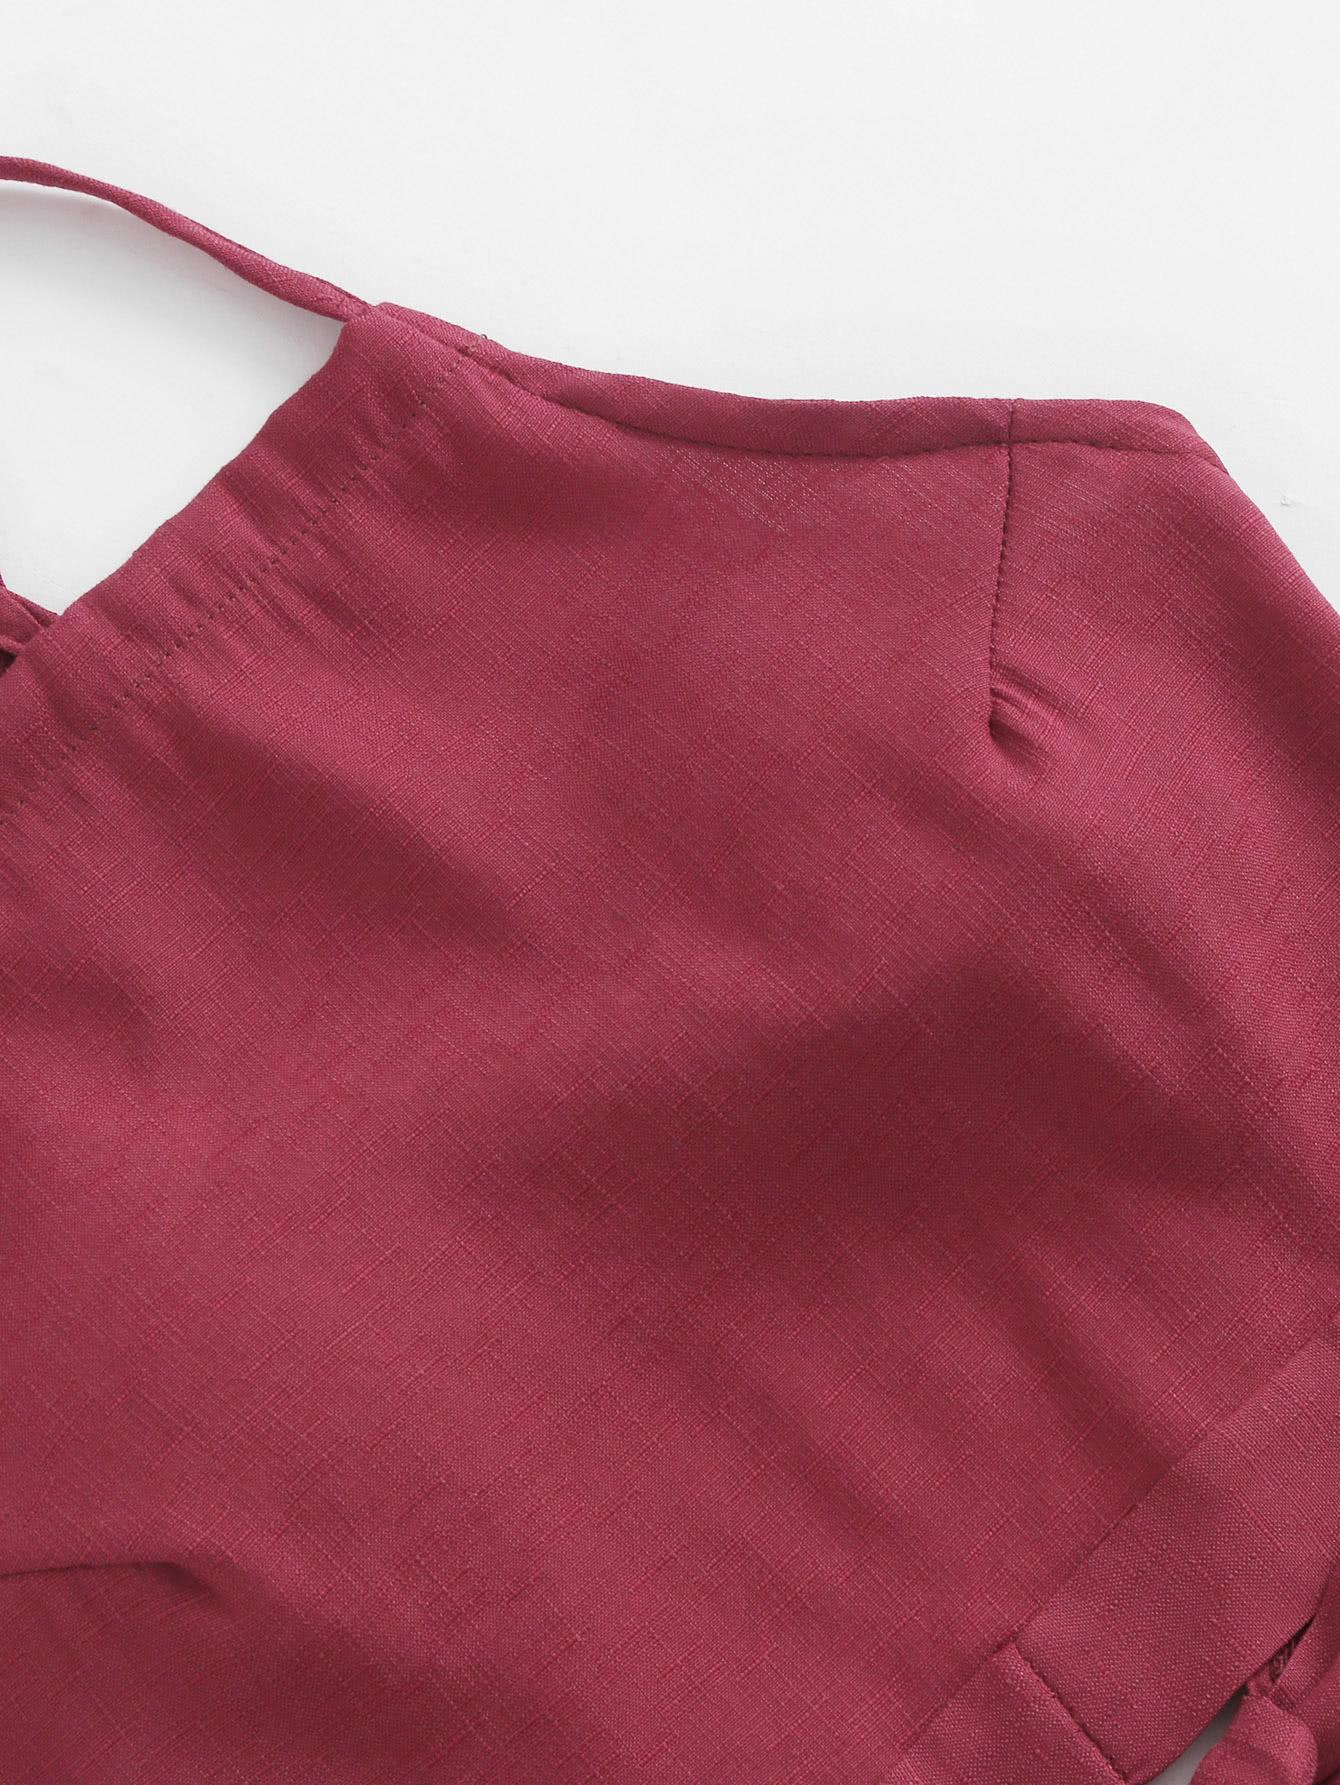 SHEIN / Conjunto de top corto anudado y shorts